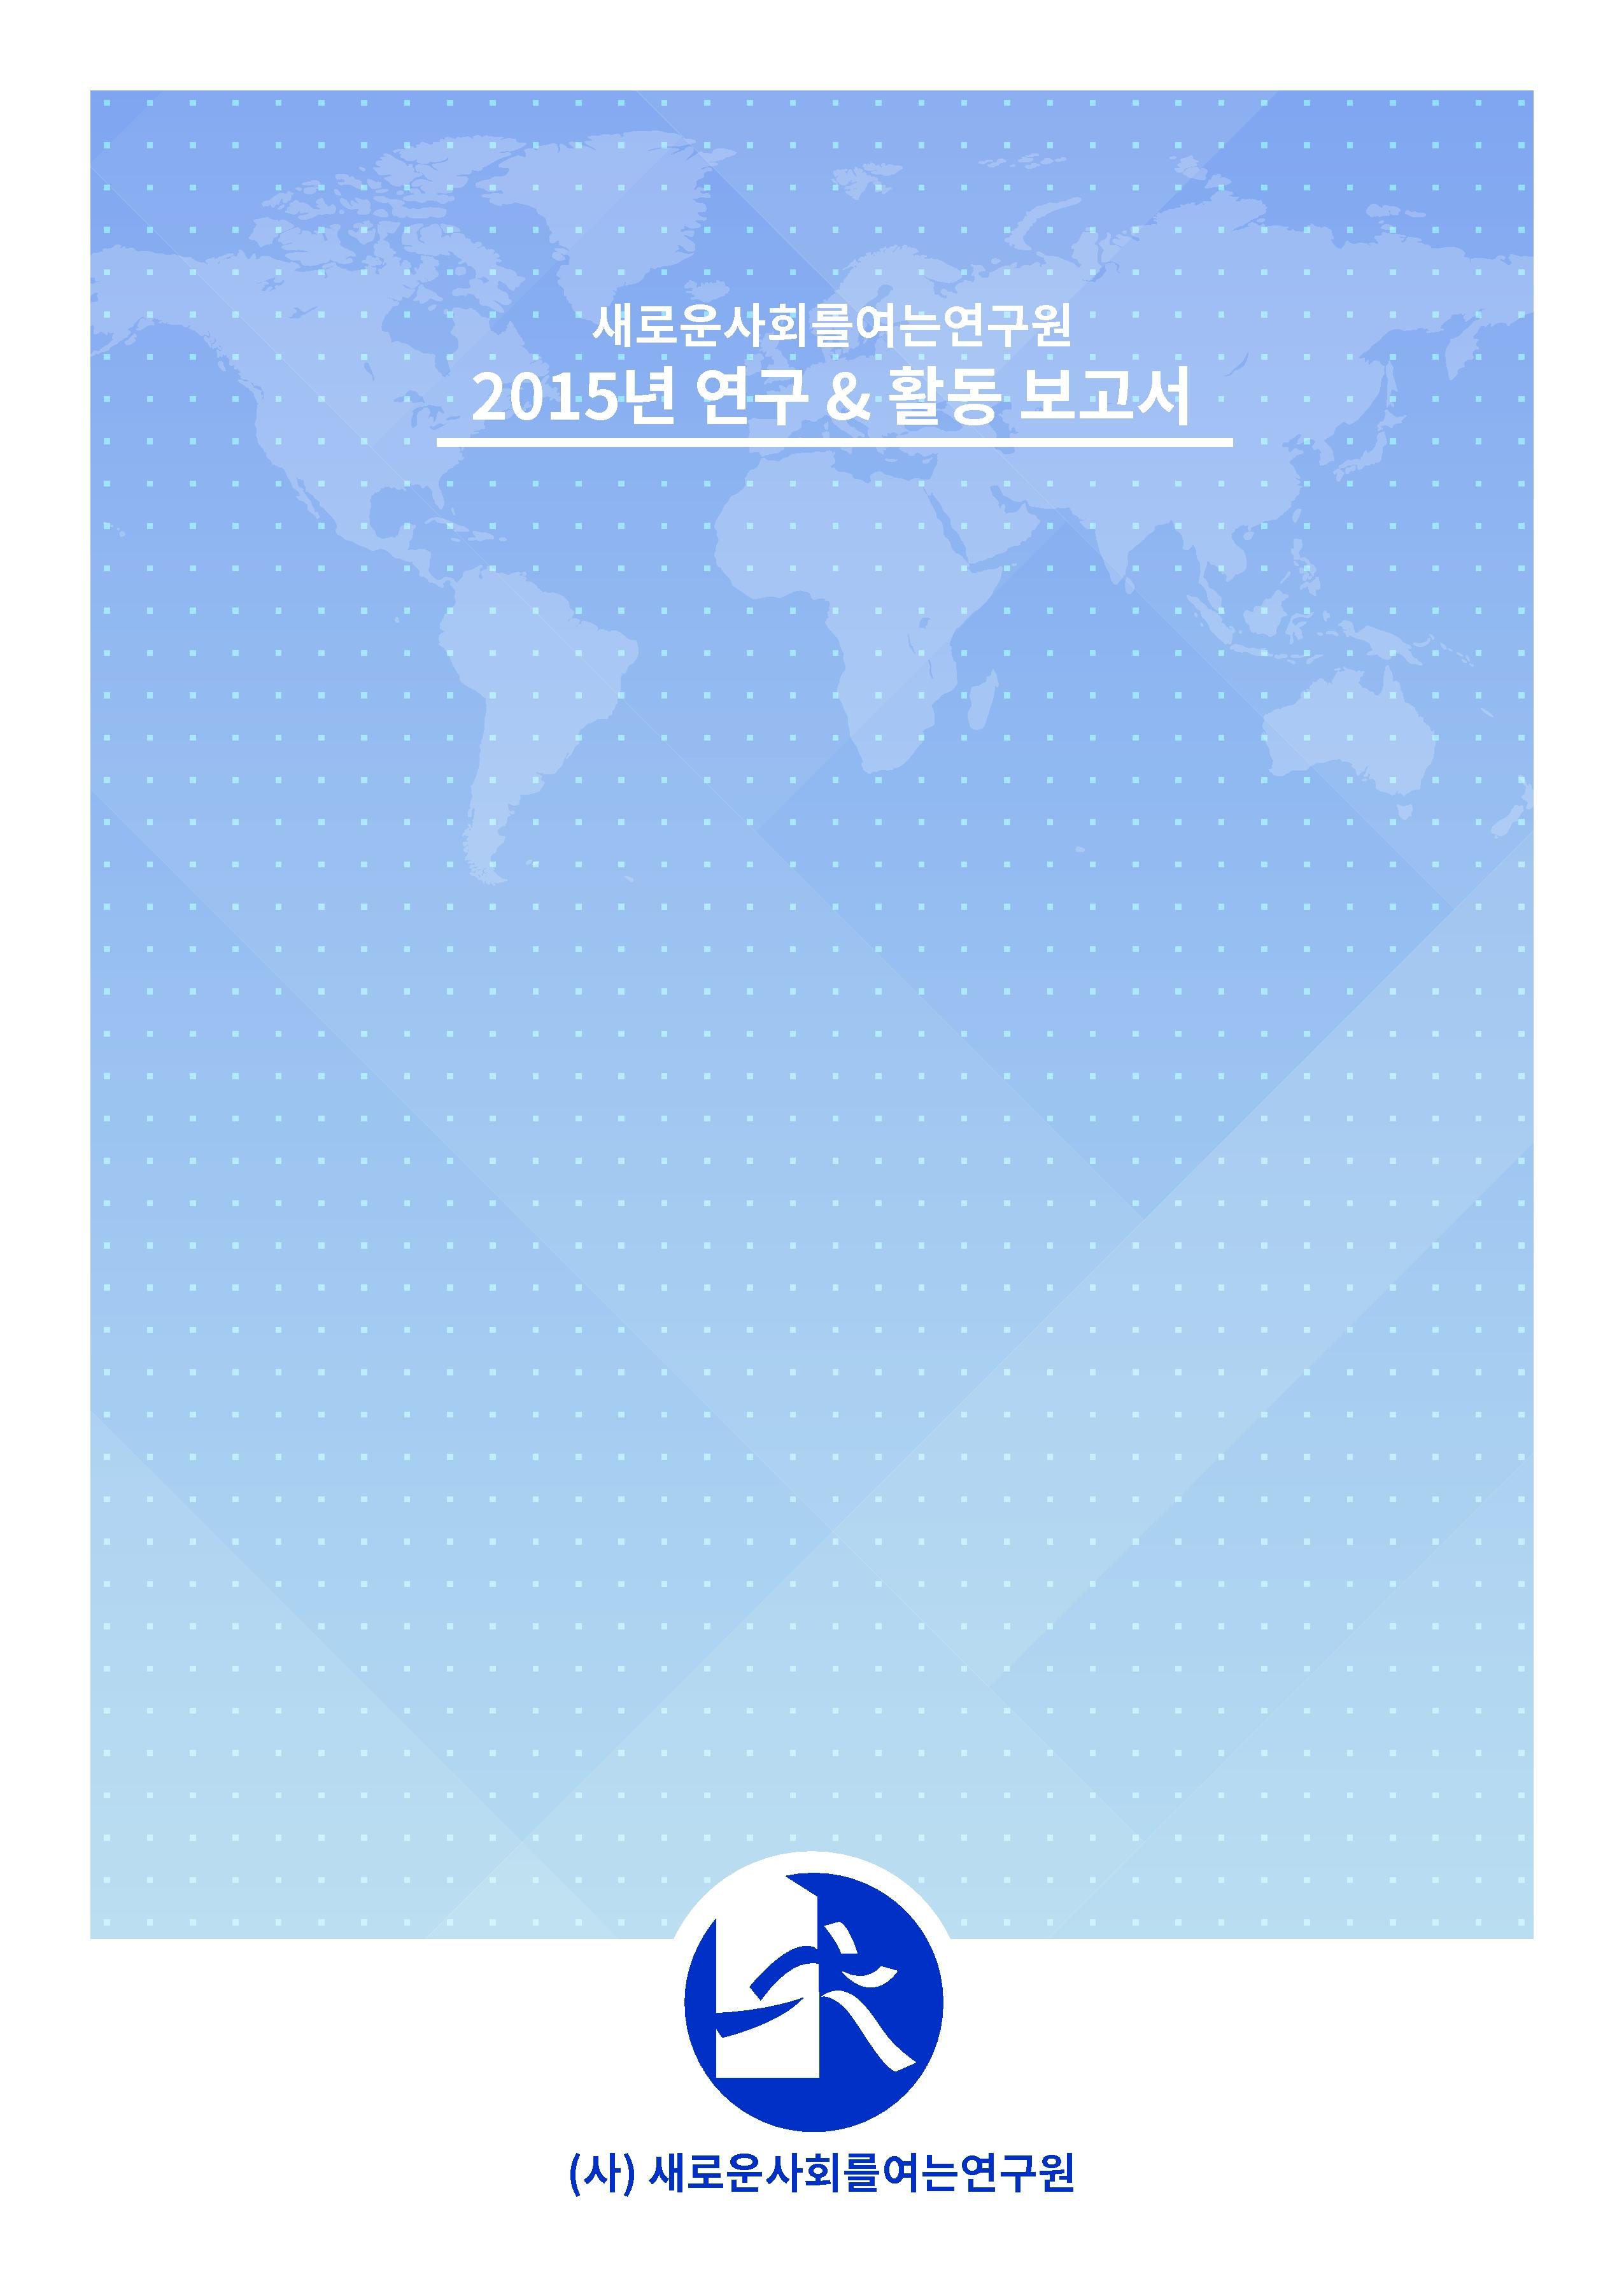 2015보고서 초안_1